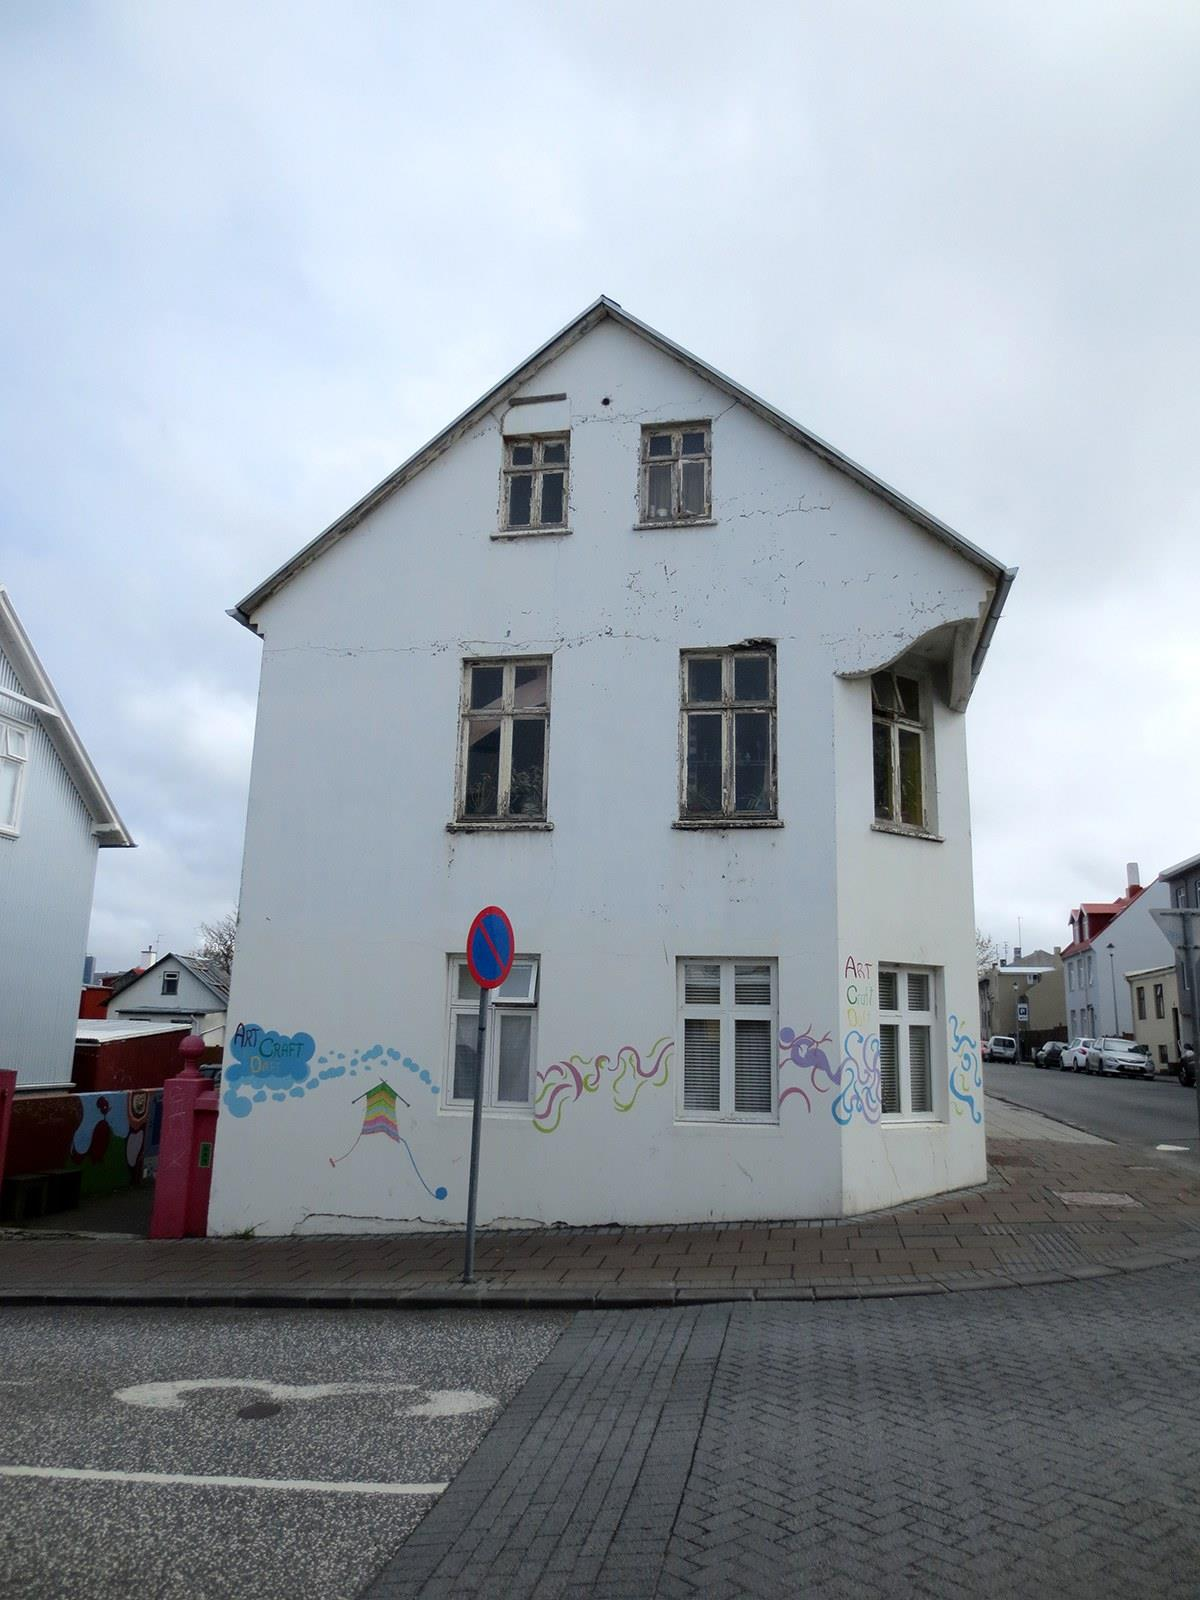 A Reyjavik house